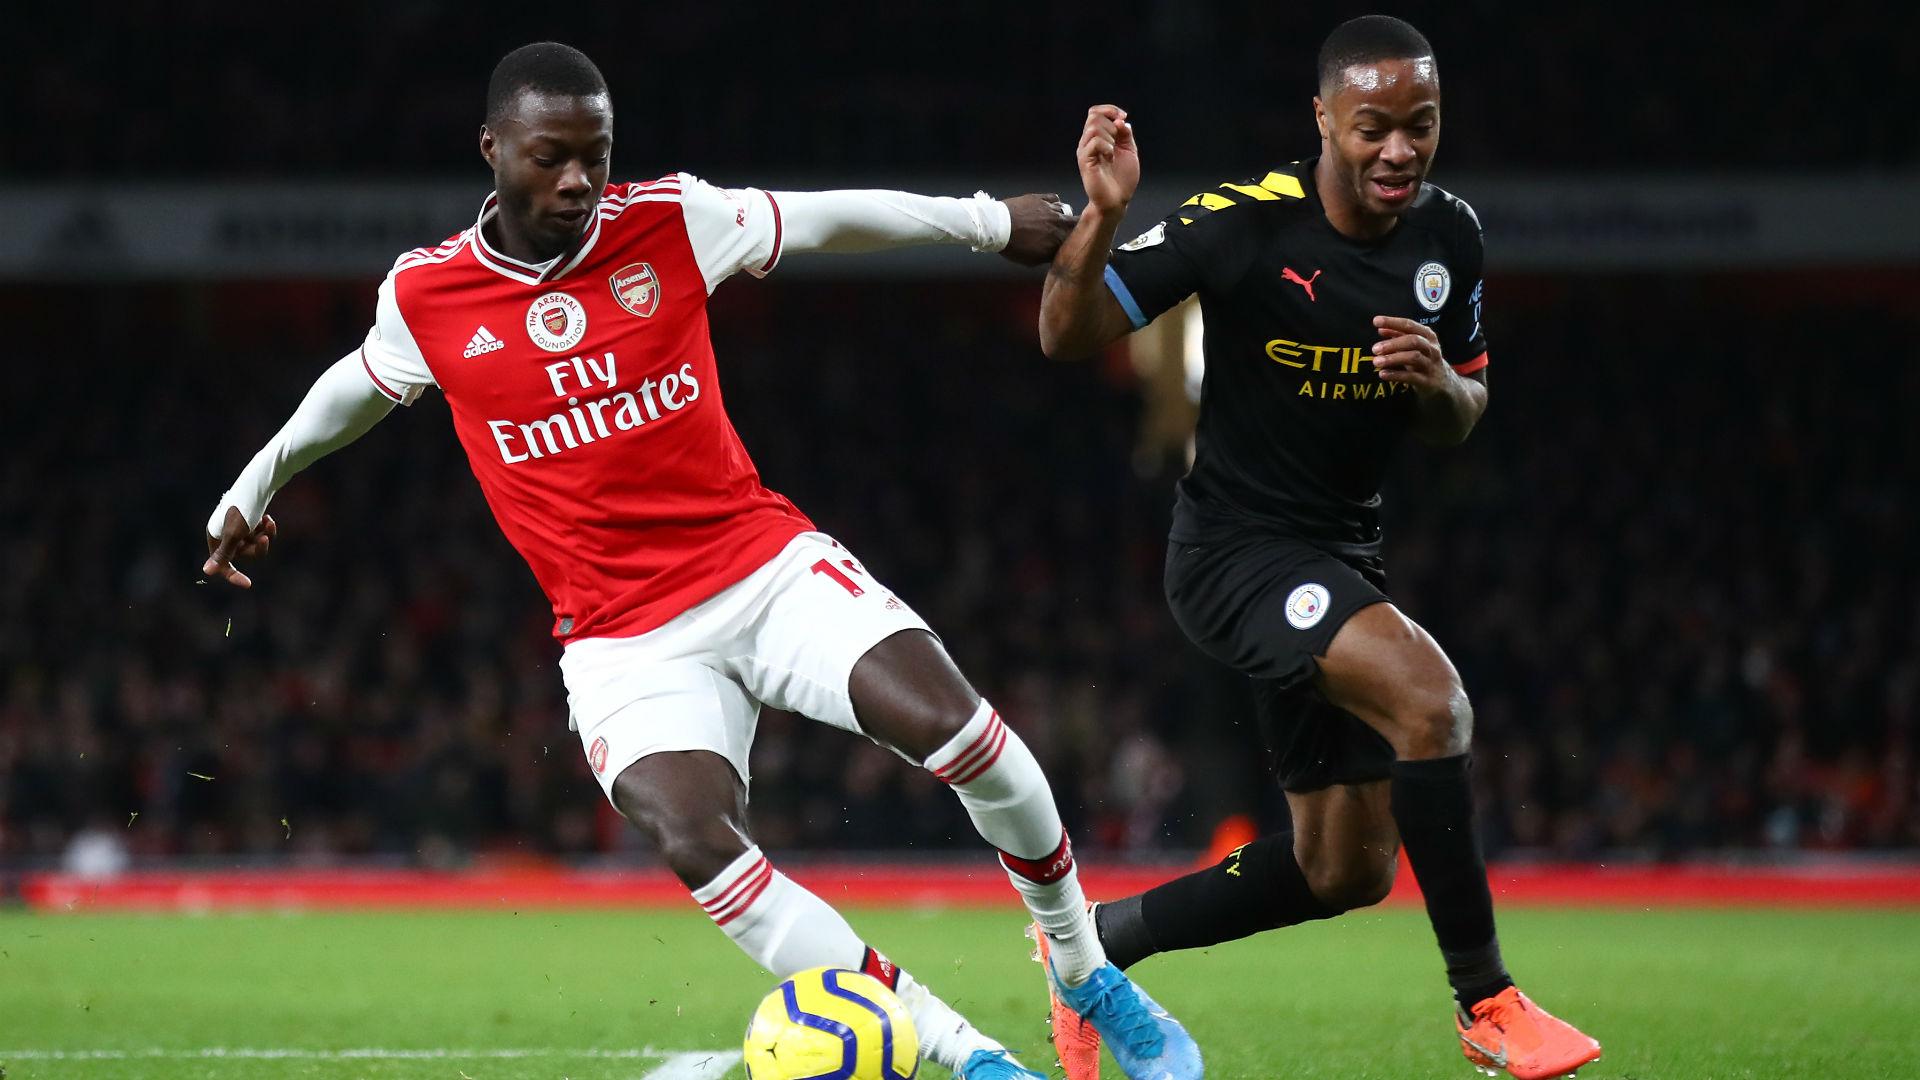 Arsenal gegen Manchester City heute im TV und im LIVE-STREAM sehen: Alle  Infos zur Übertragung des FA Cup